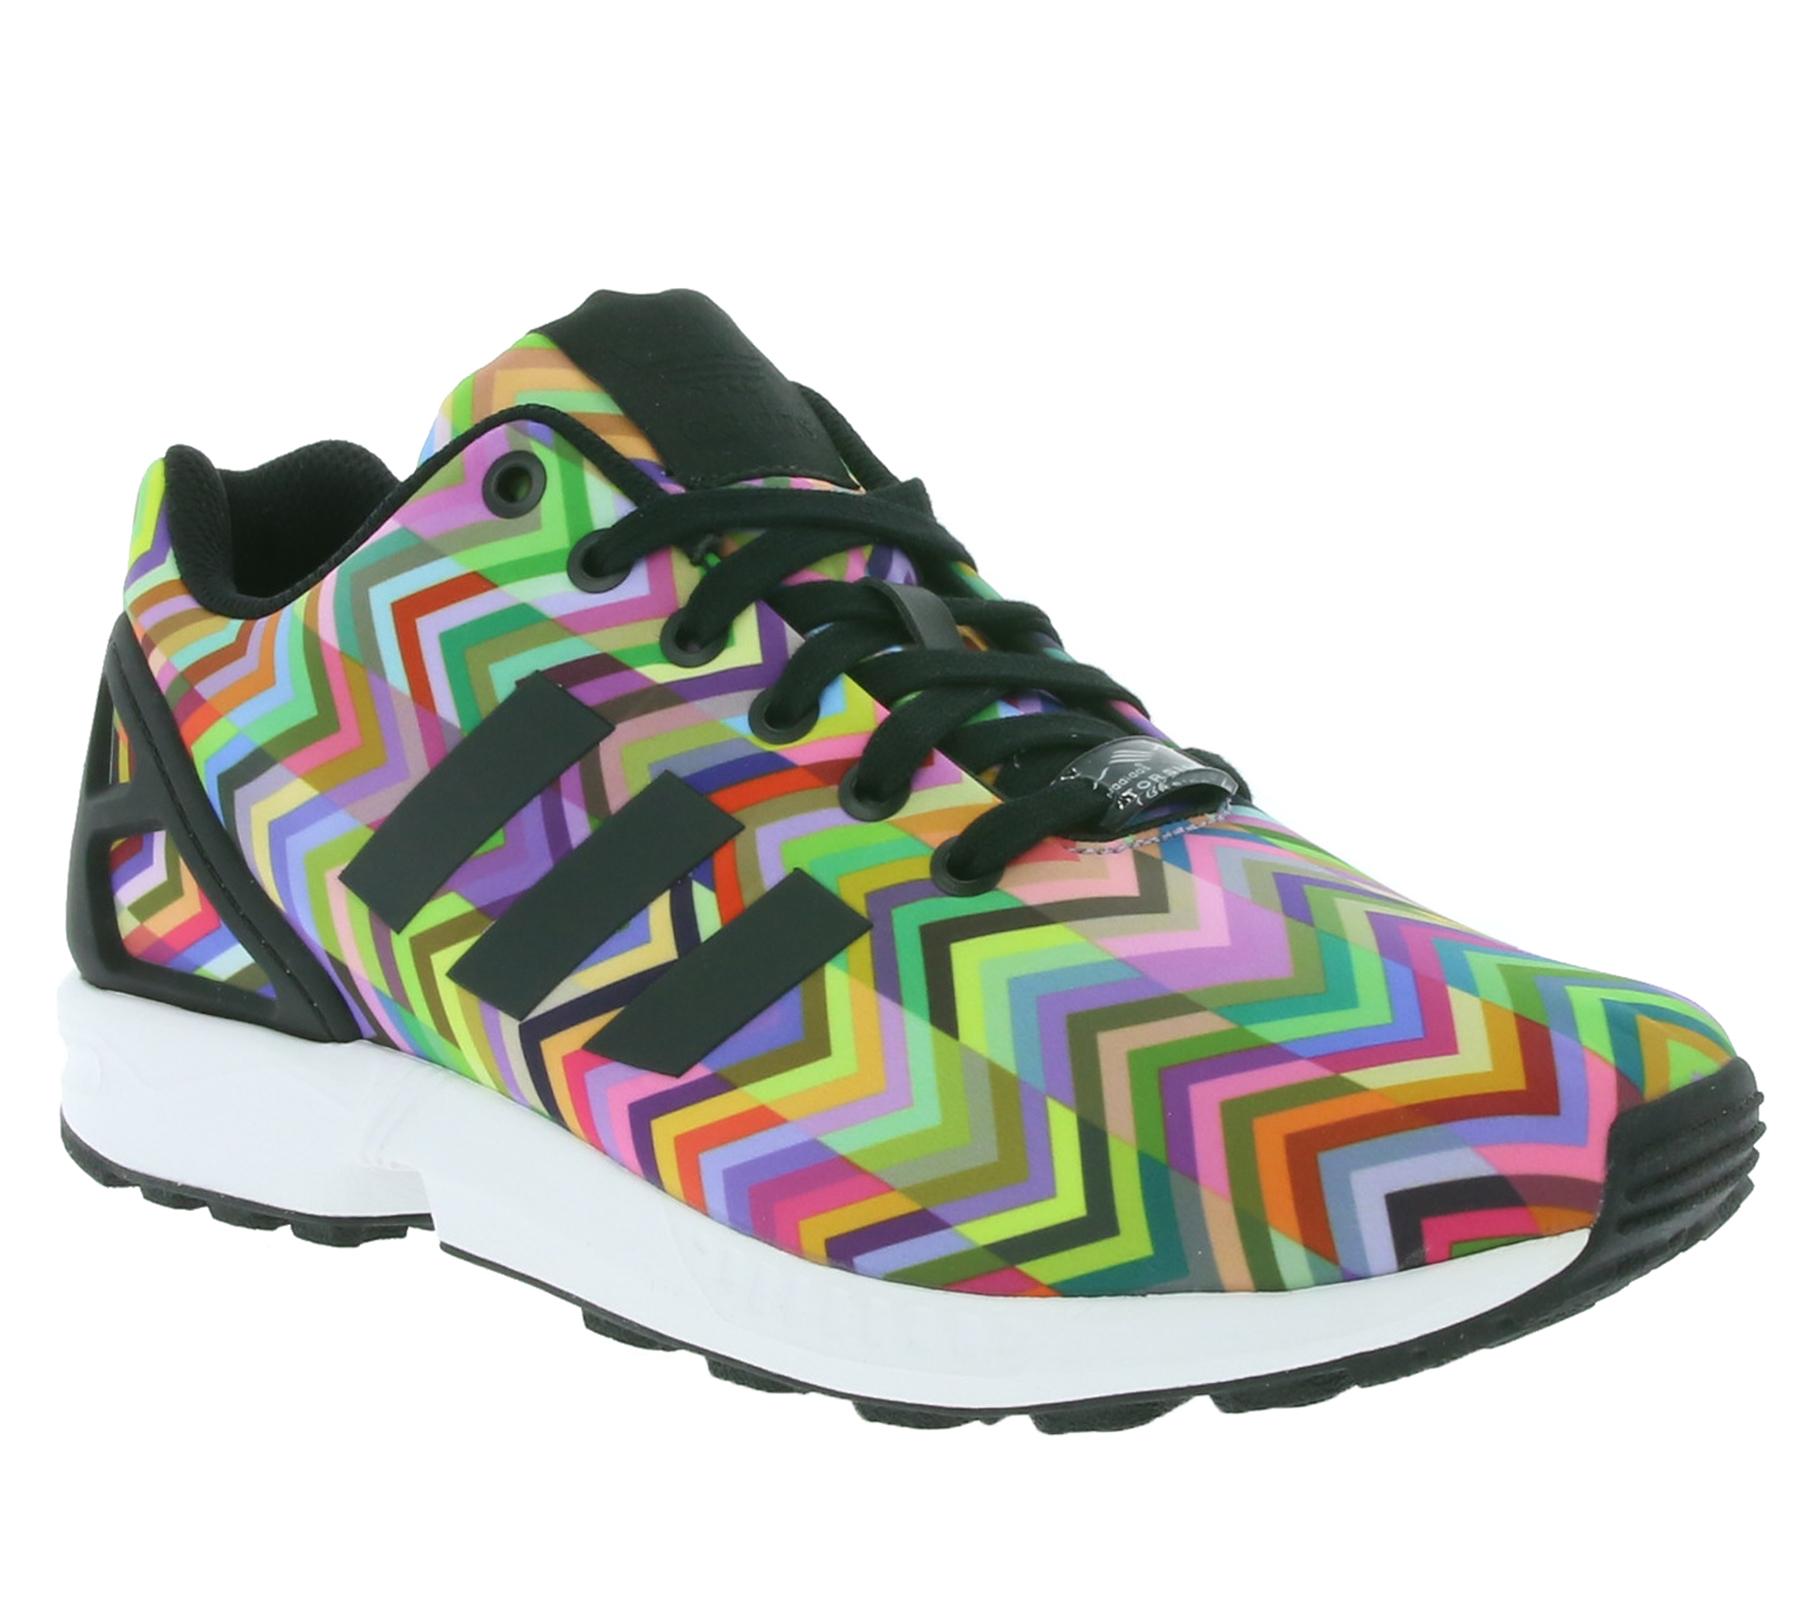 Adidas Originals ZX Flux Herren Sneaker Mehrfarbig